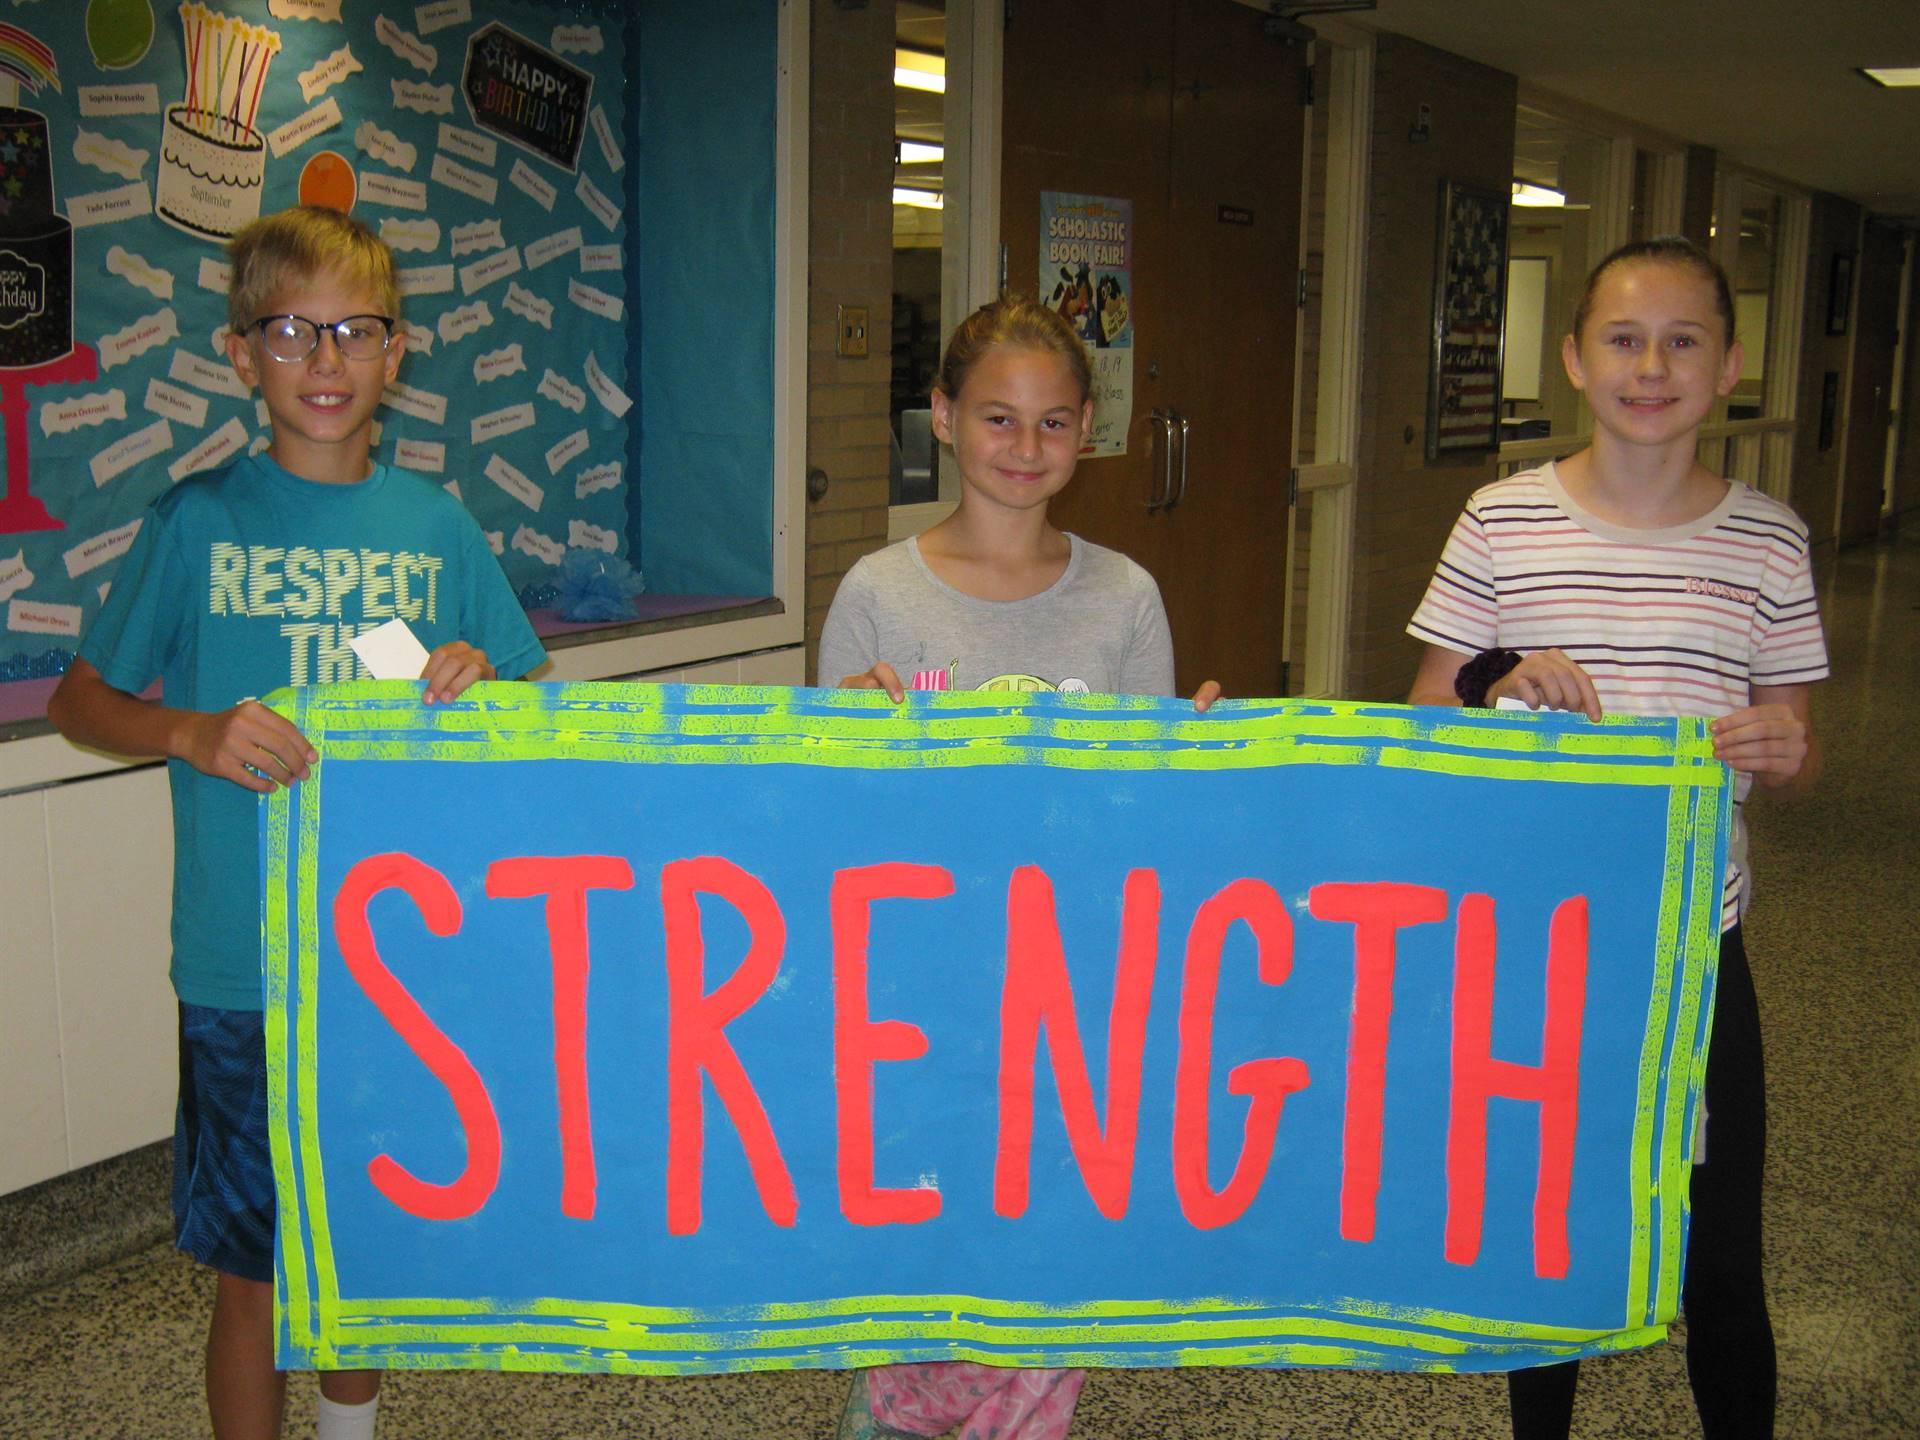 Strength banner 2